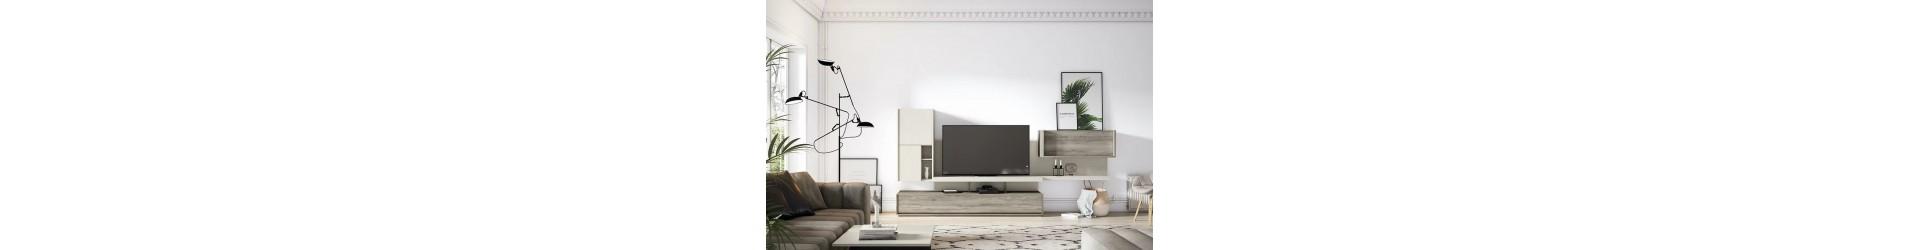 Muebles de TV y HI-FI